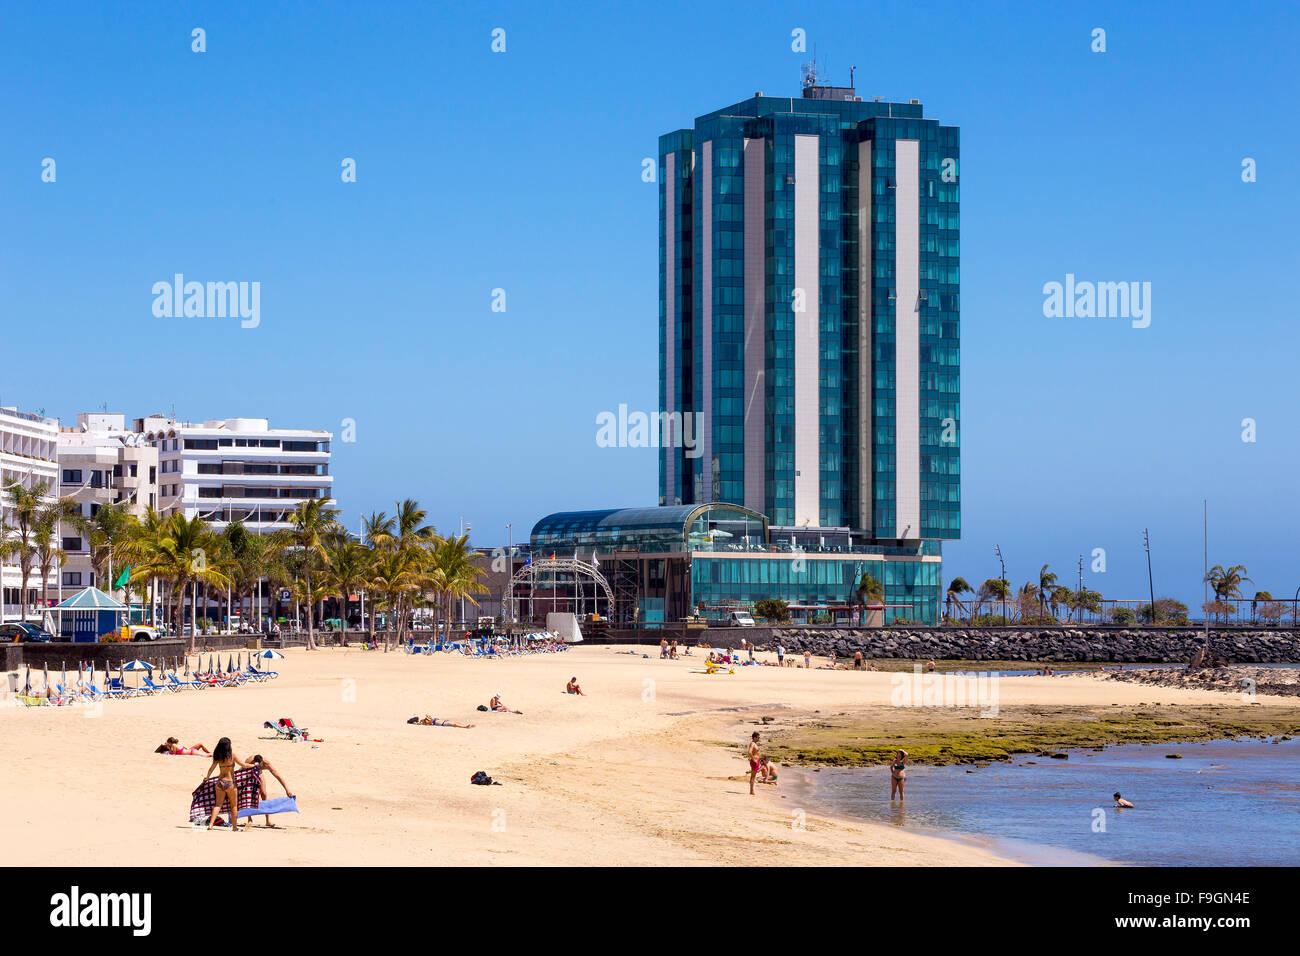 Playa del Reducto, city beach of Arrecife, Lanzarote, Canary Islands, Spain - Stock Image